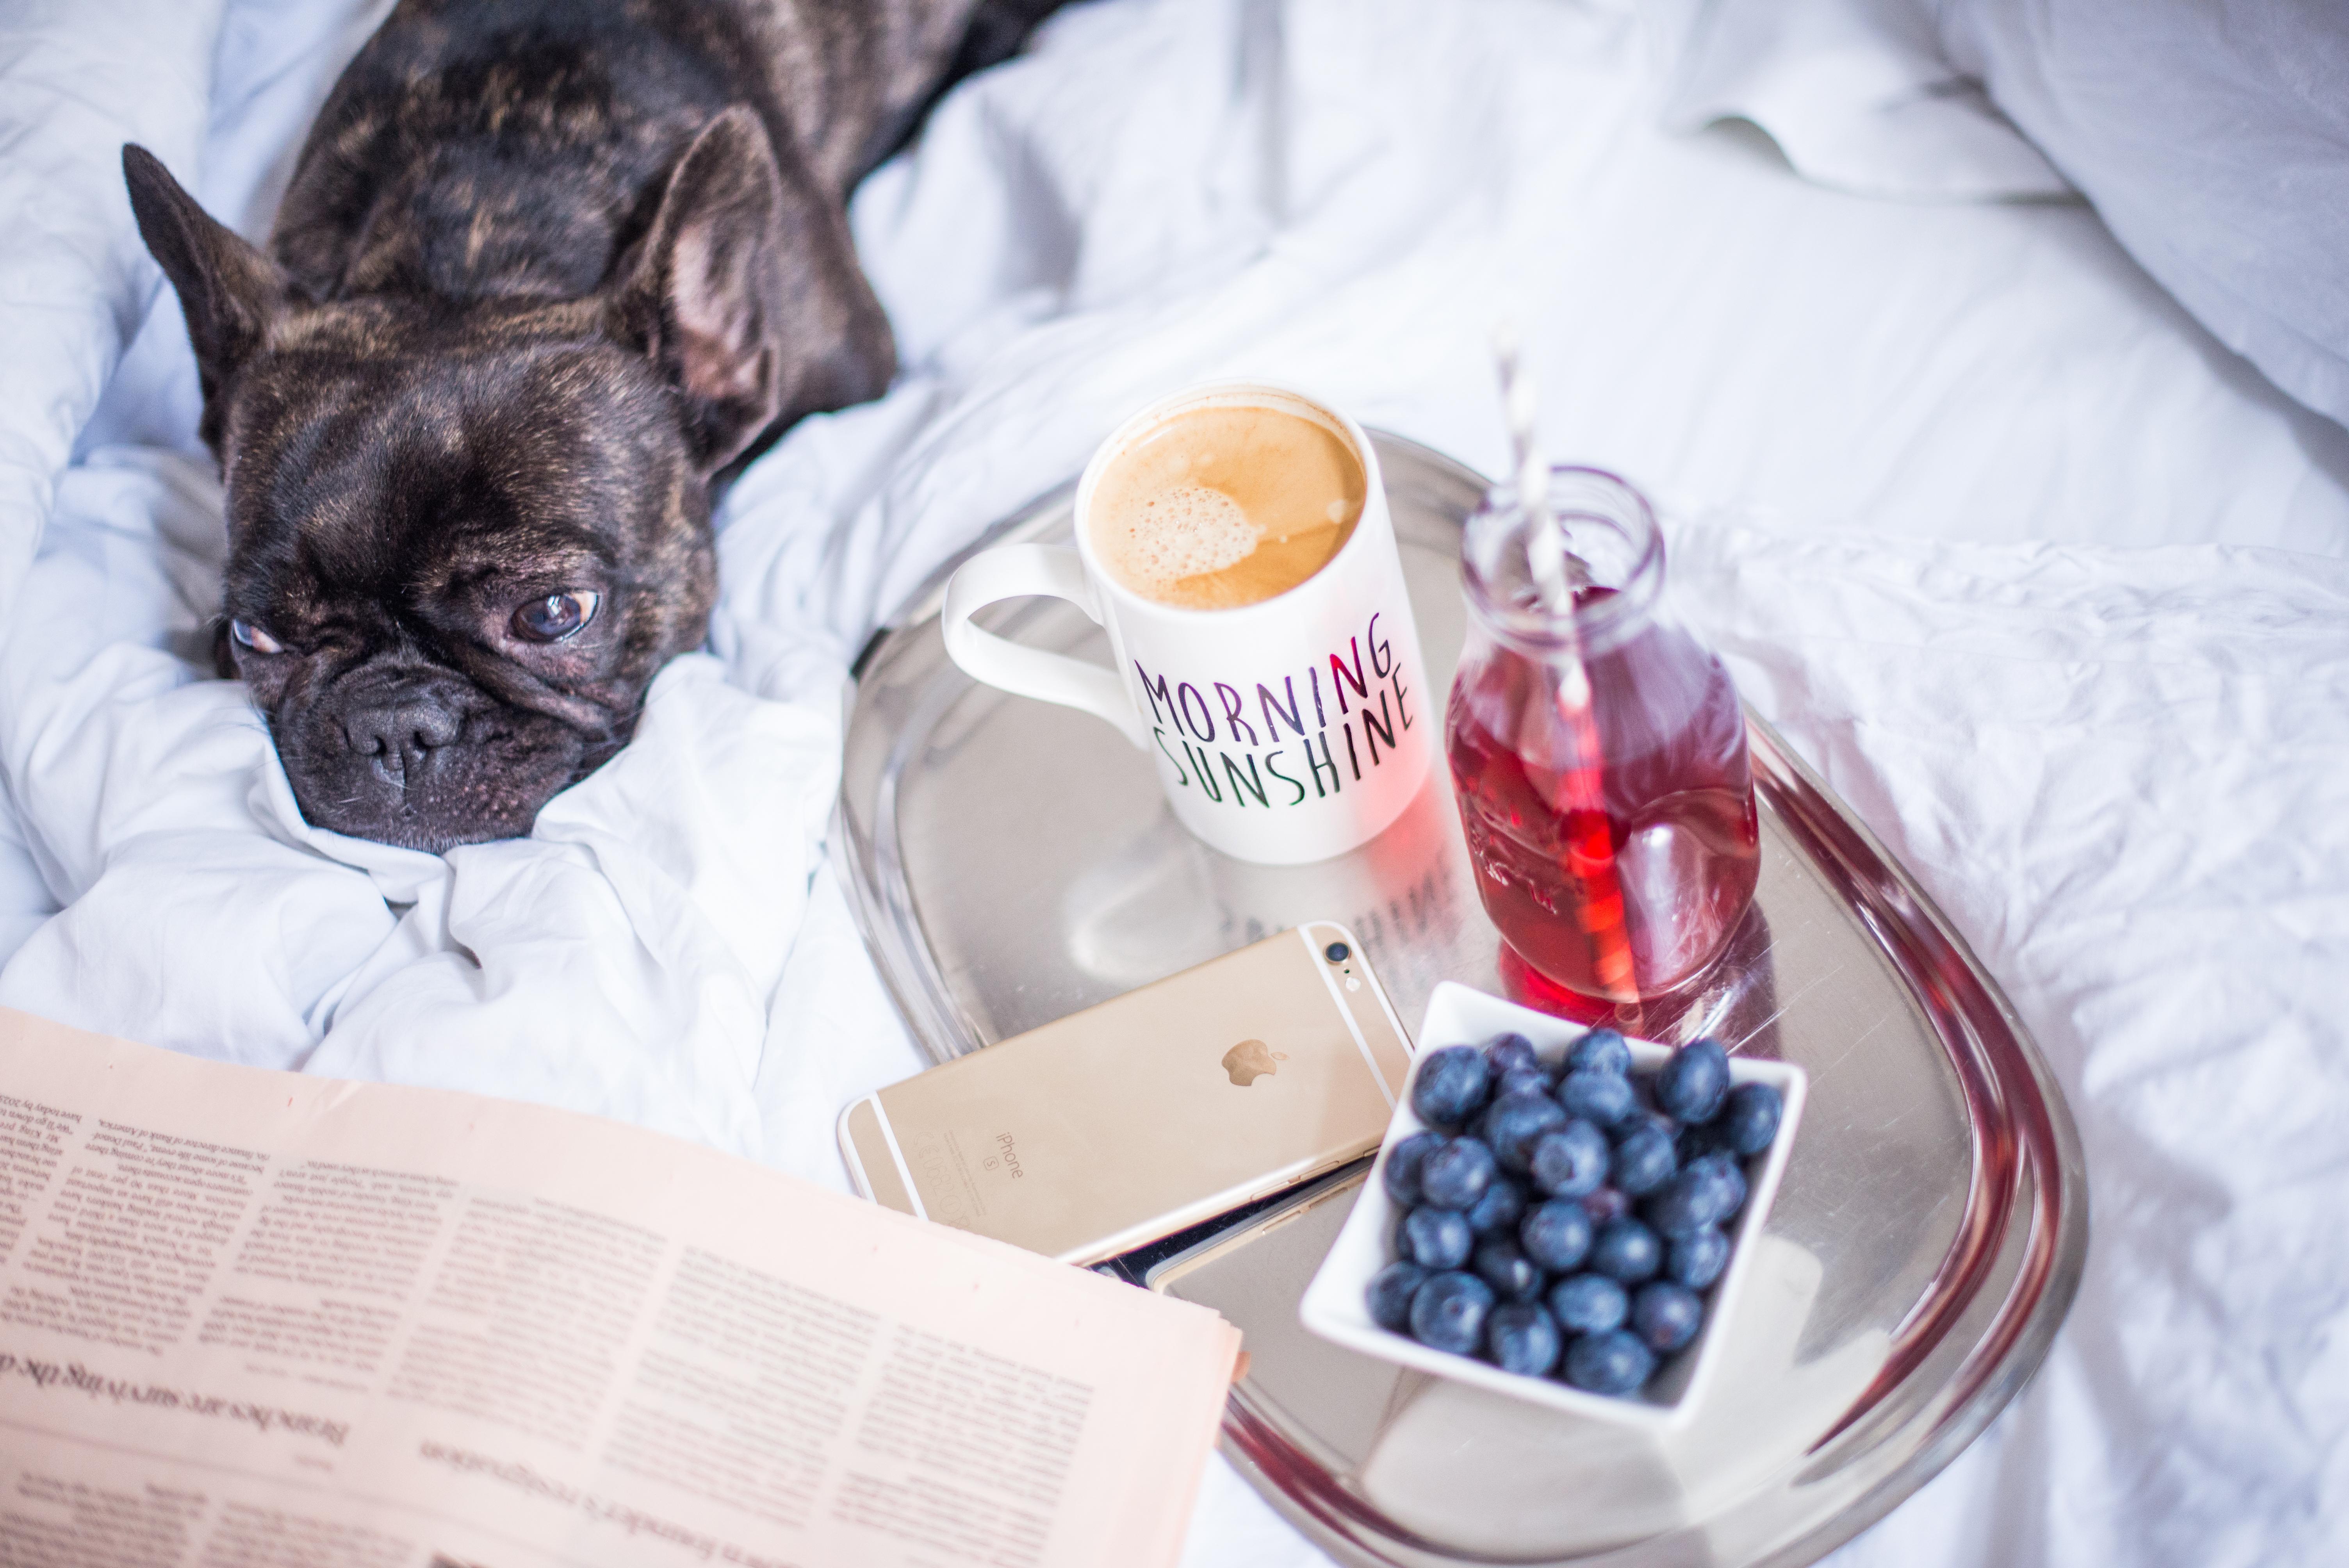 Lifestyleblog-Lifestyleblogger-Lifestyle-Blog-Blogger-Muenchen-Deutschland-Lindarella-Nespresso-Lungo-3